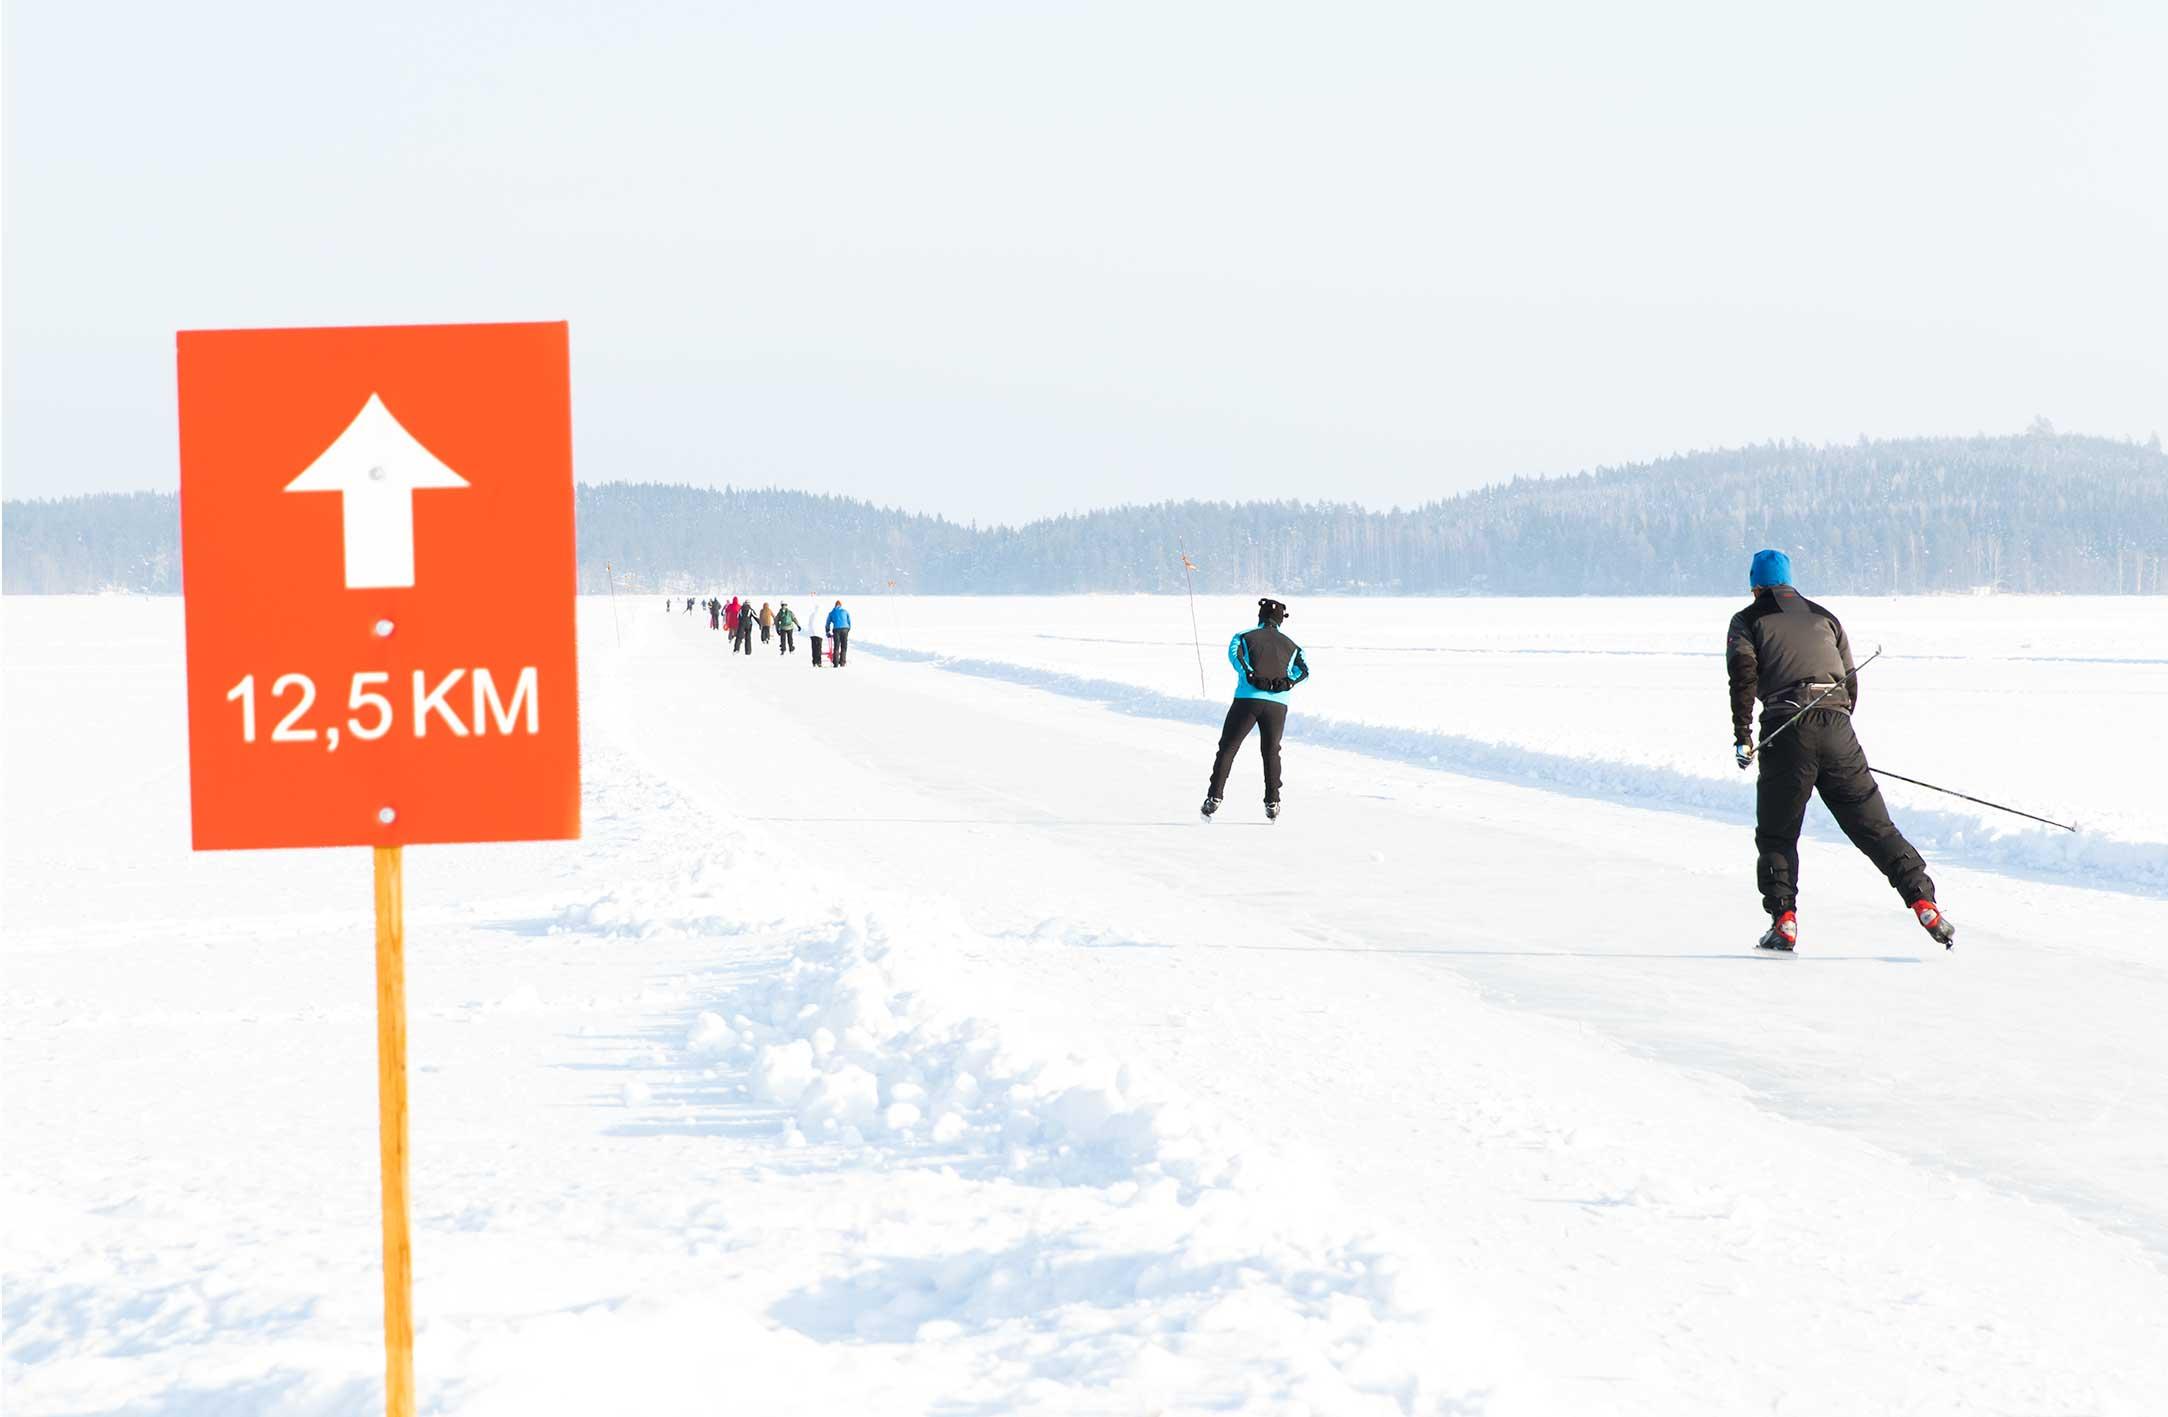 Finland Ice Marathon -luistelurata on kaikkien käytössä ilmaiseksi.